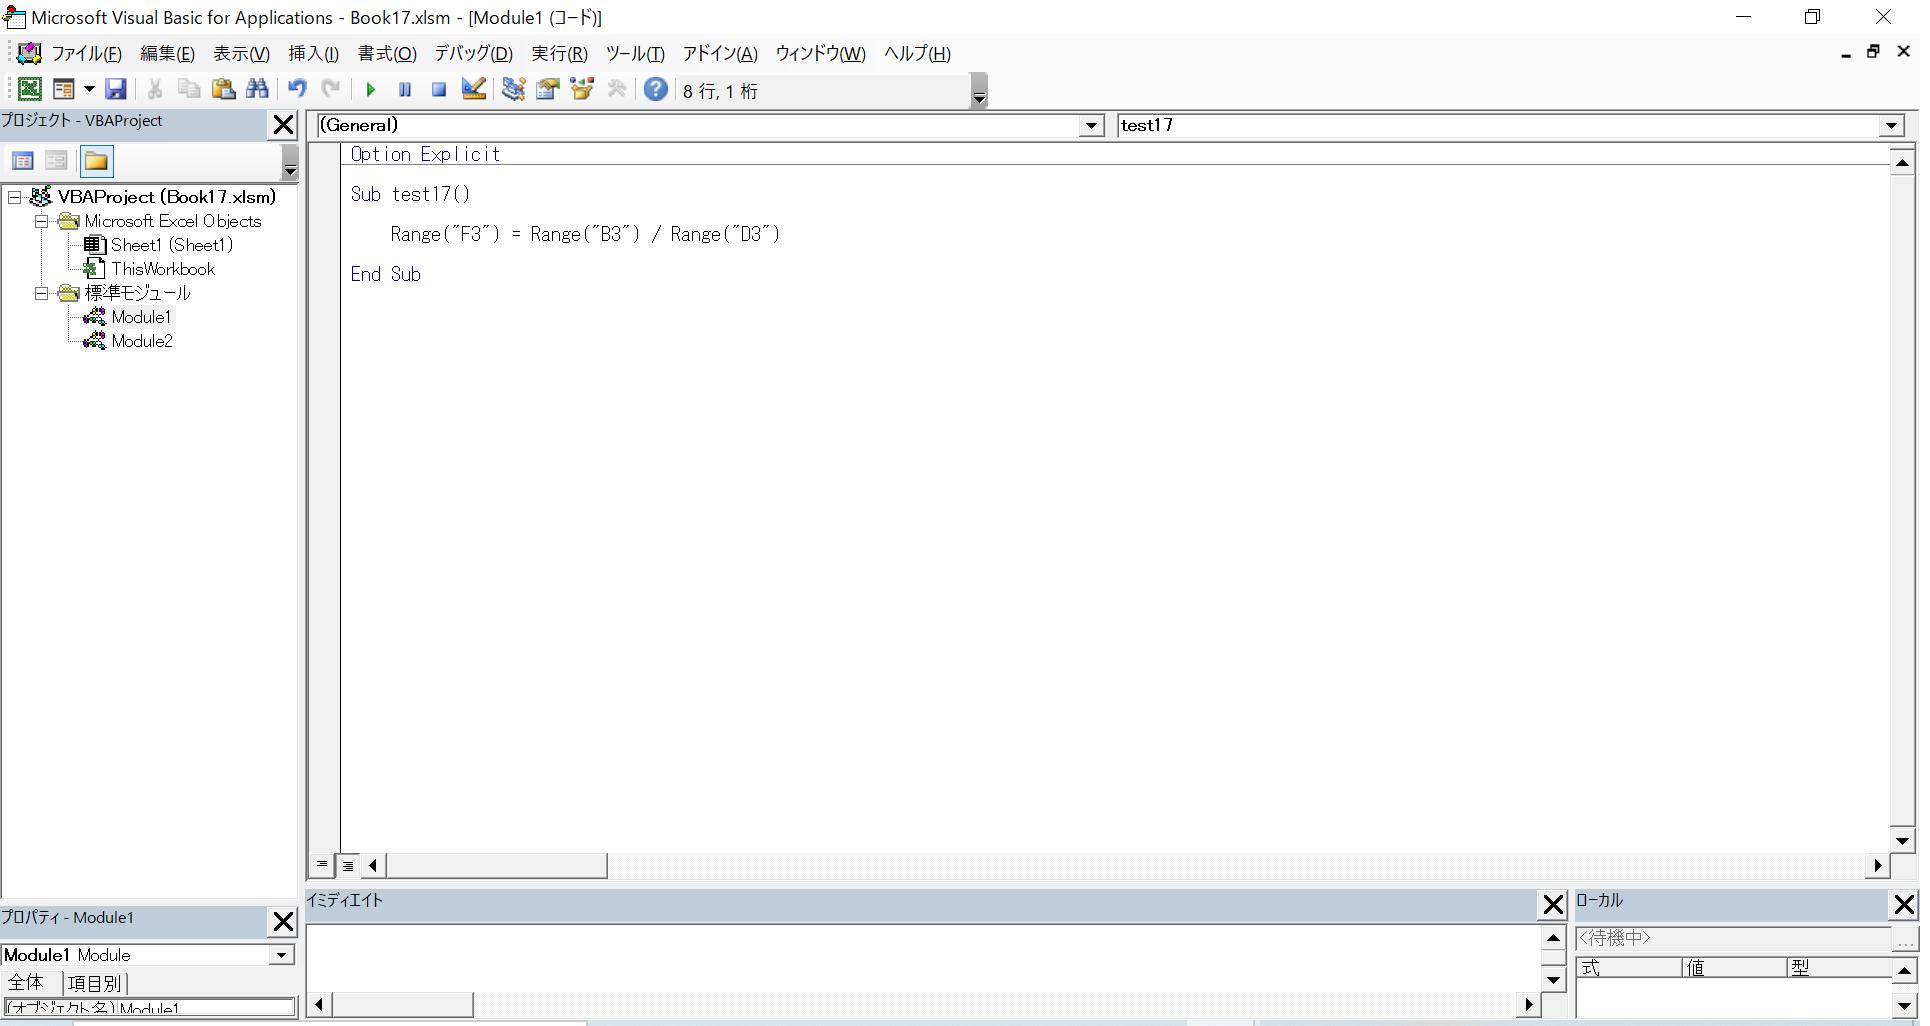 割り算を行う処理が記載してあるブックのVBAプログラムイメージ